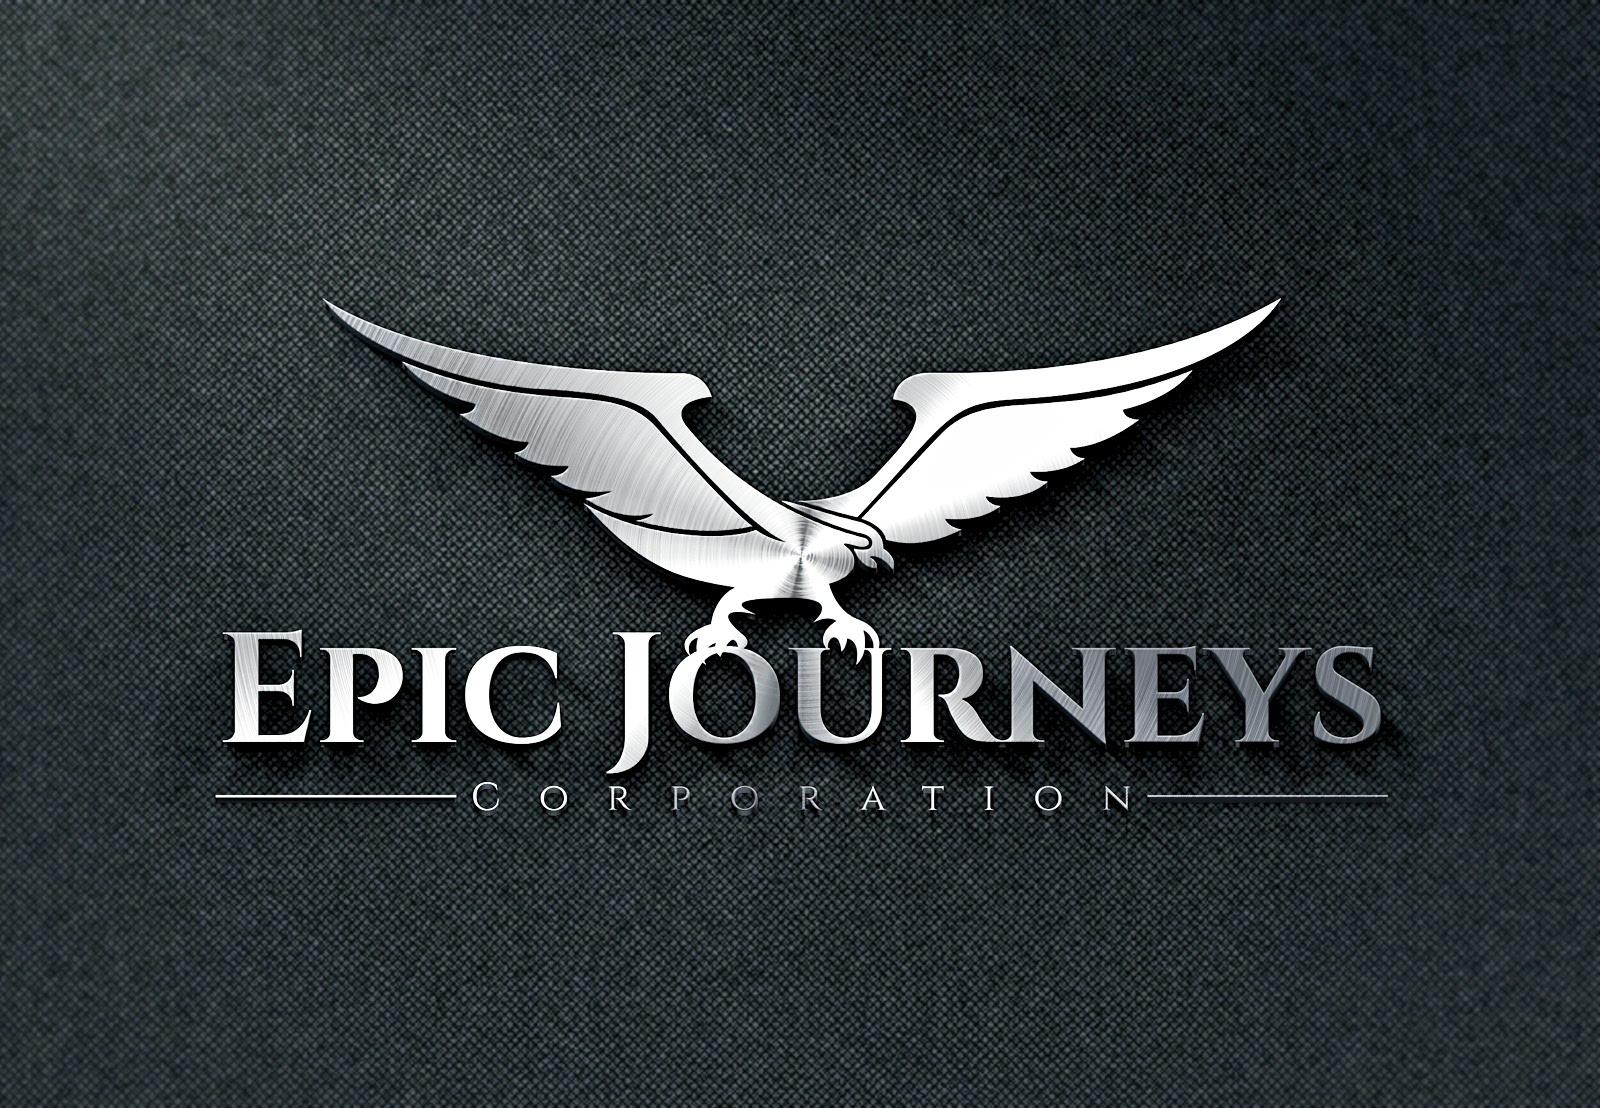 EpicJourneysCorporationm2